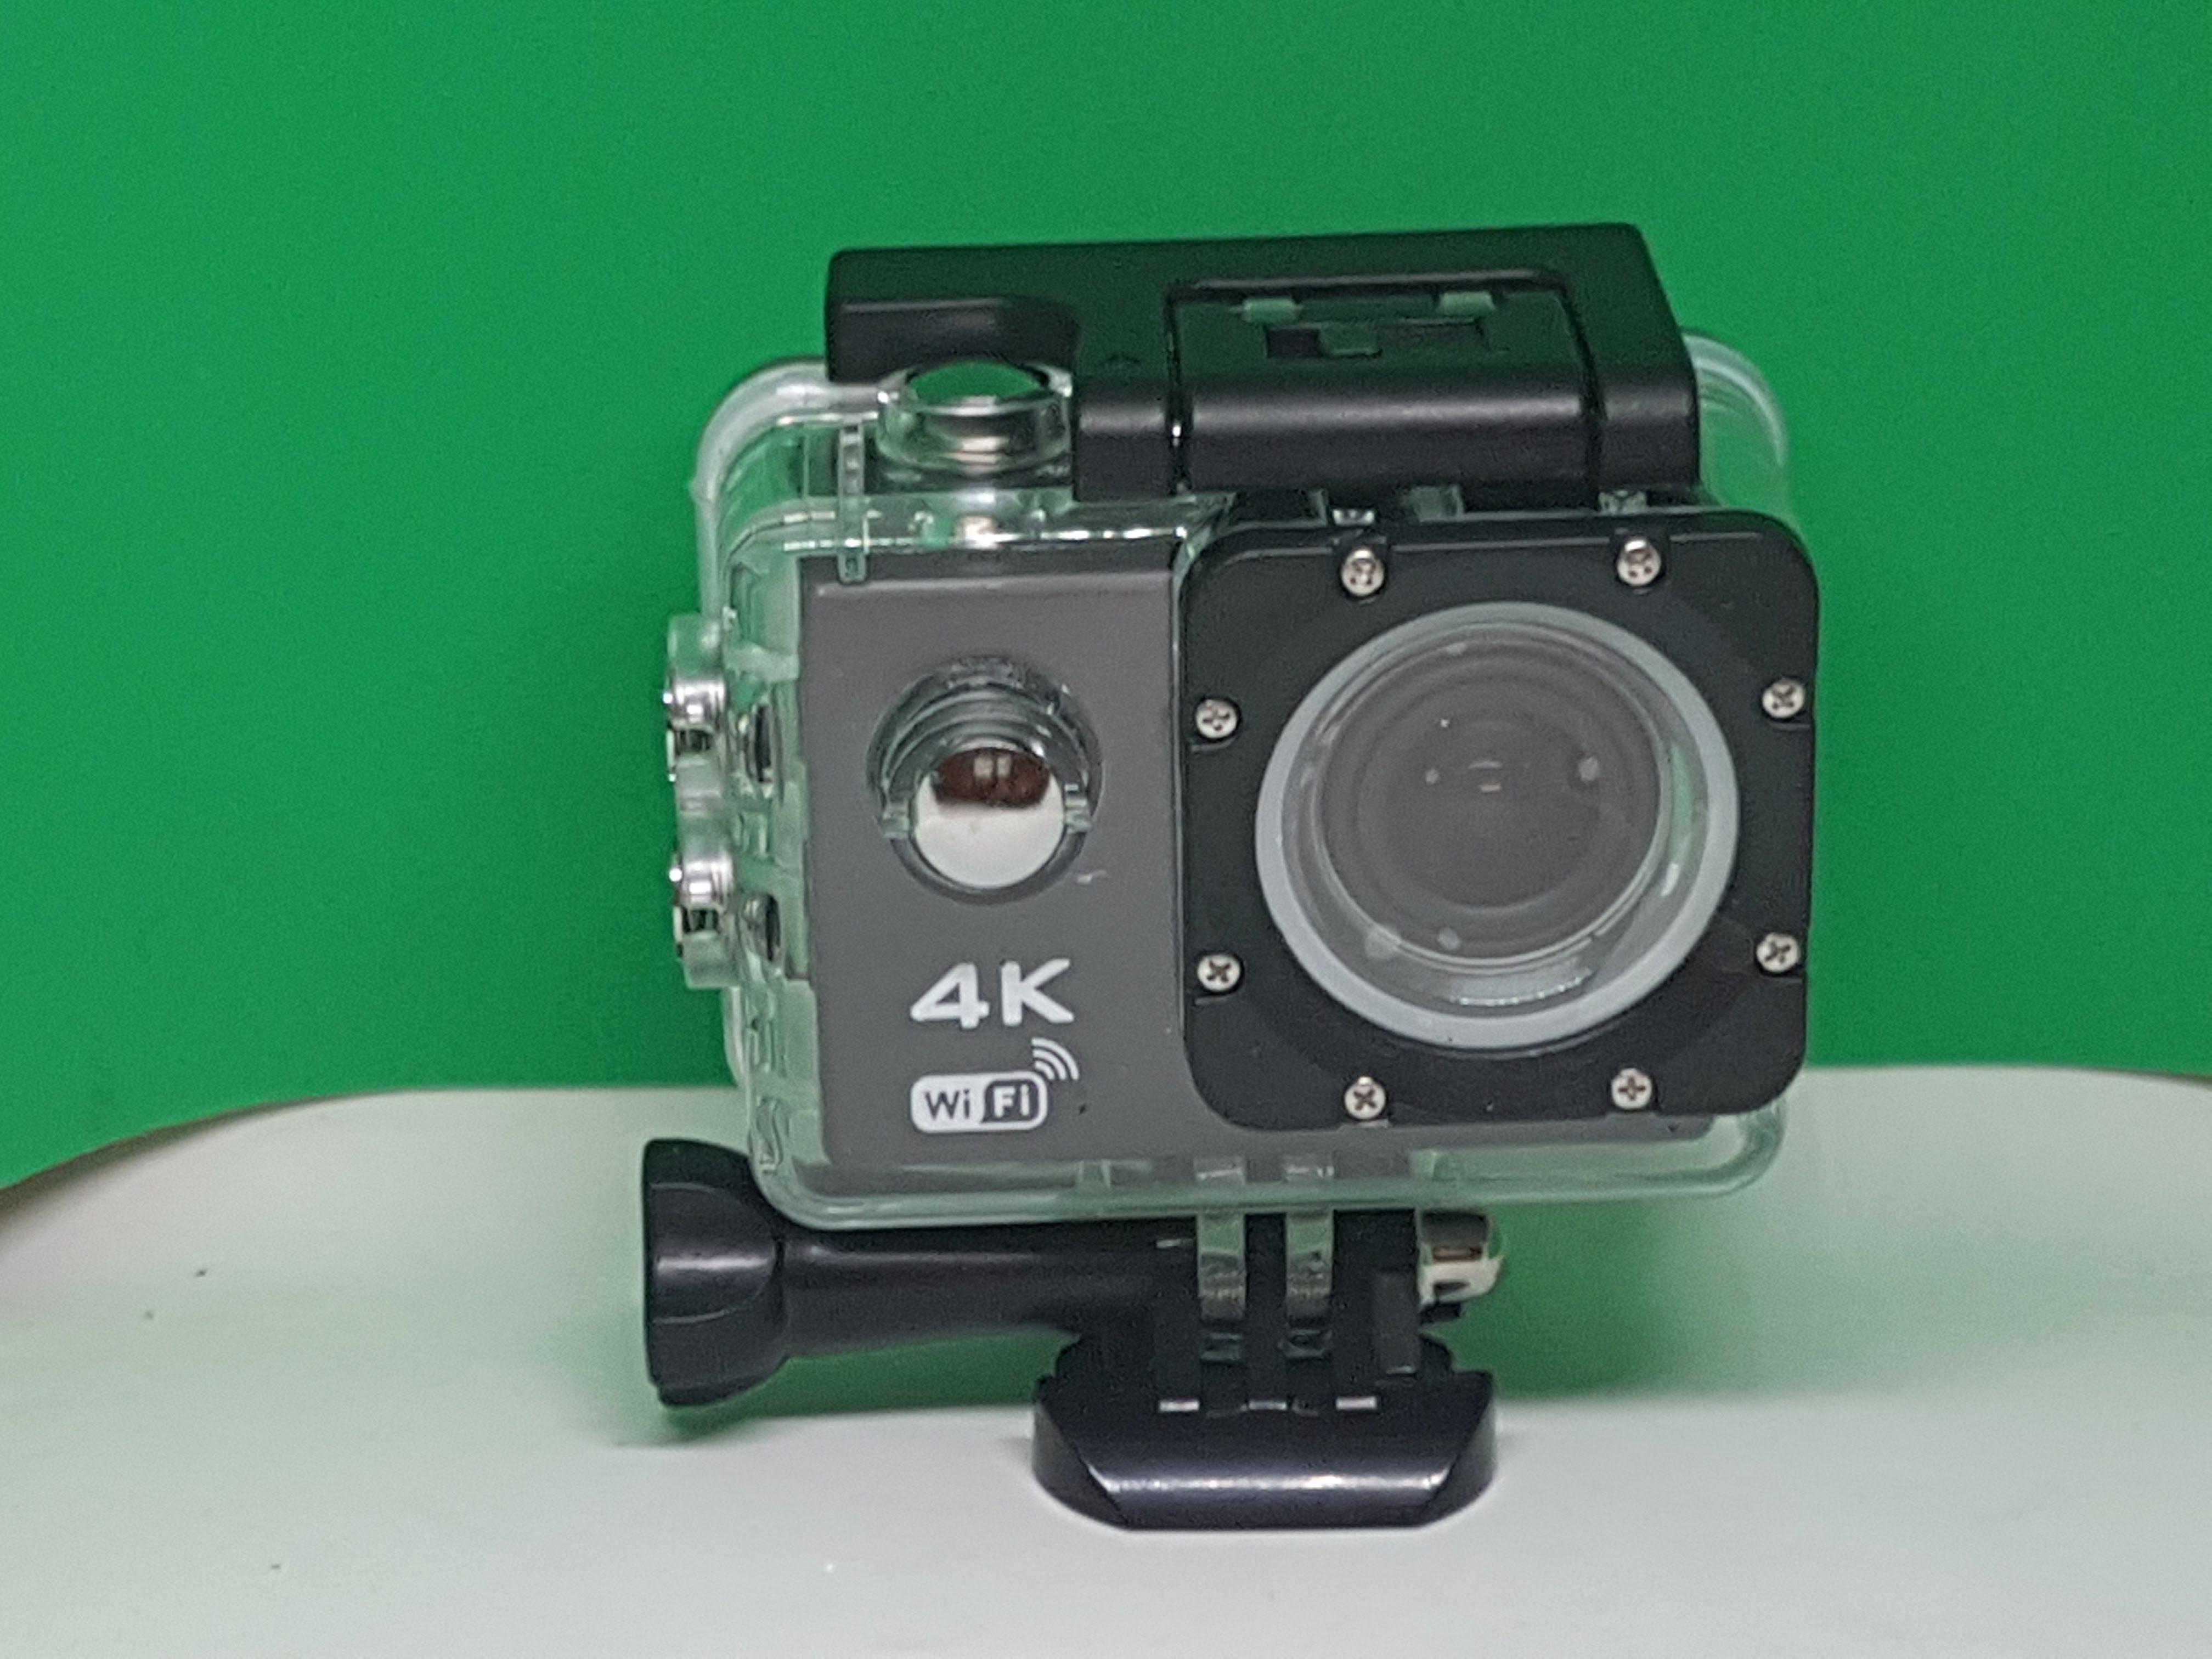 GULAKI-Caméra-Sport-4K-WiFi - GULAKI-Caméra-Sport-4K-Wifi-21.jpg